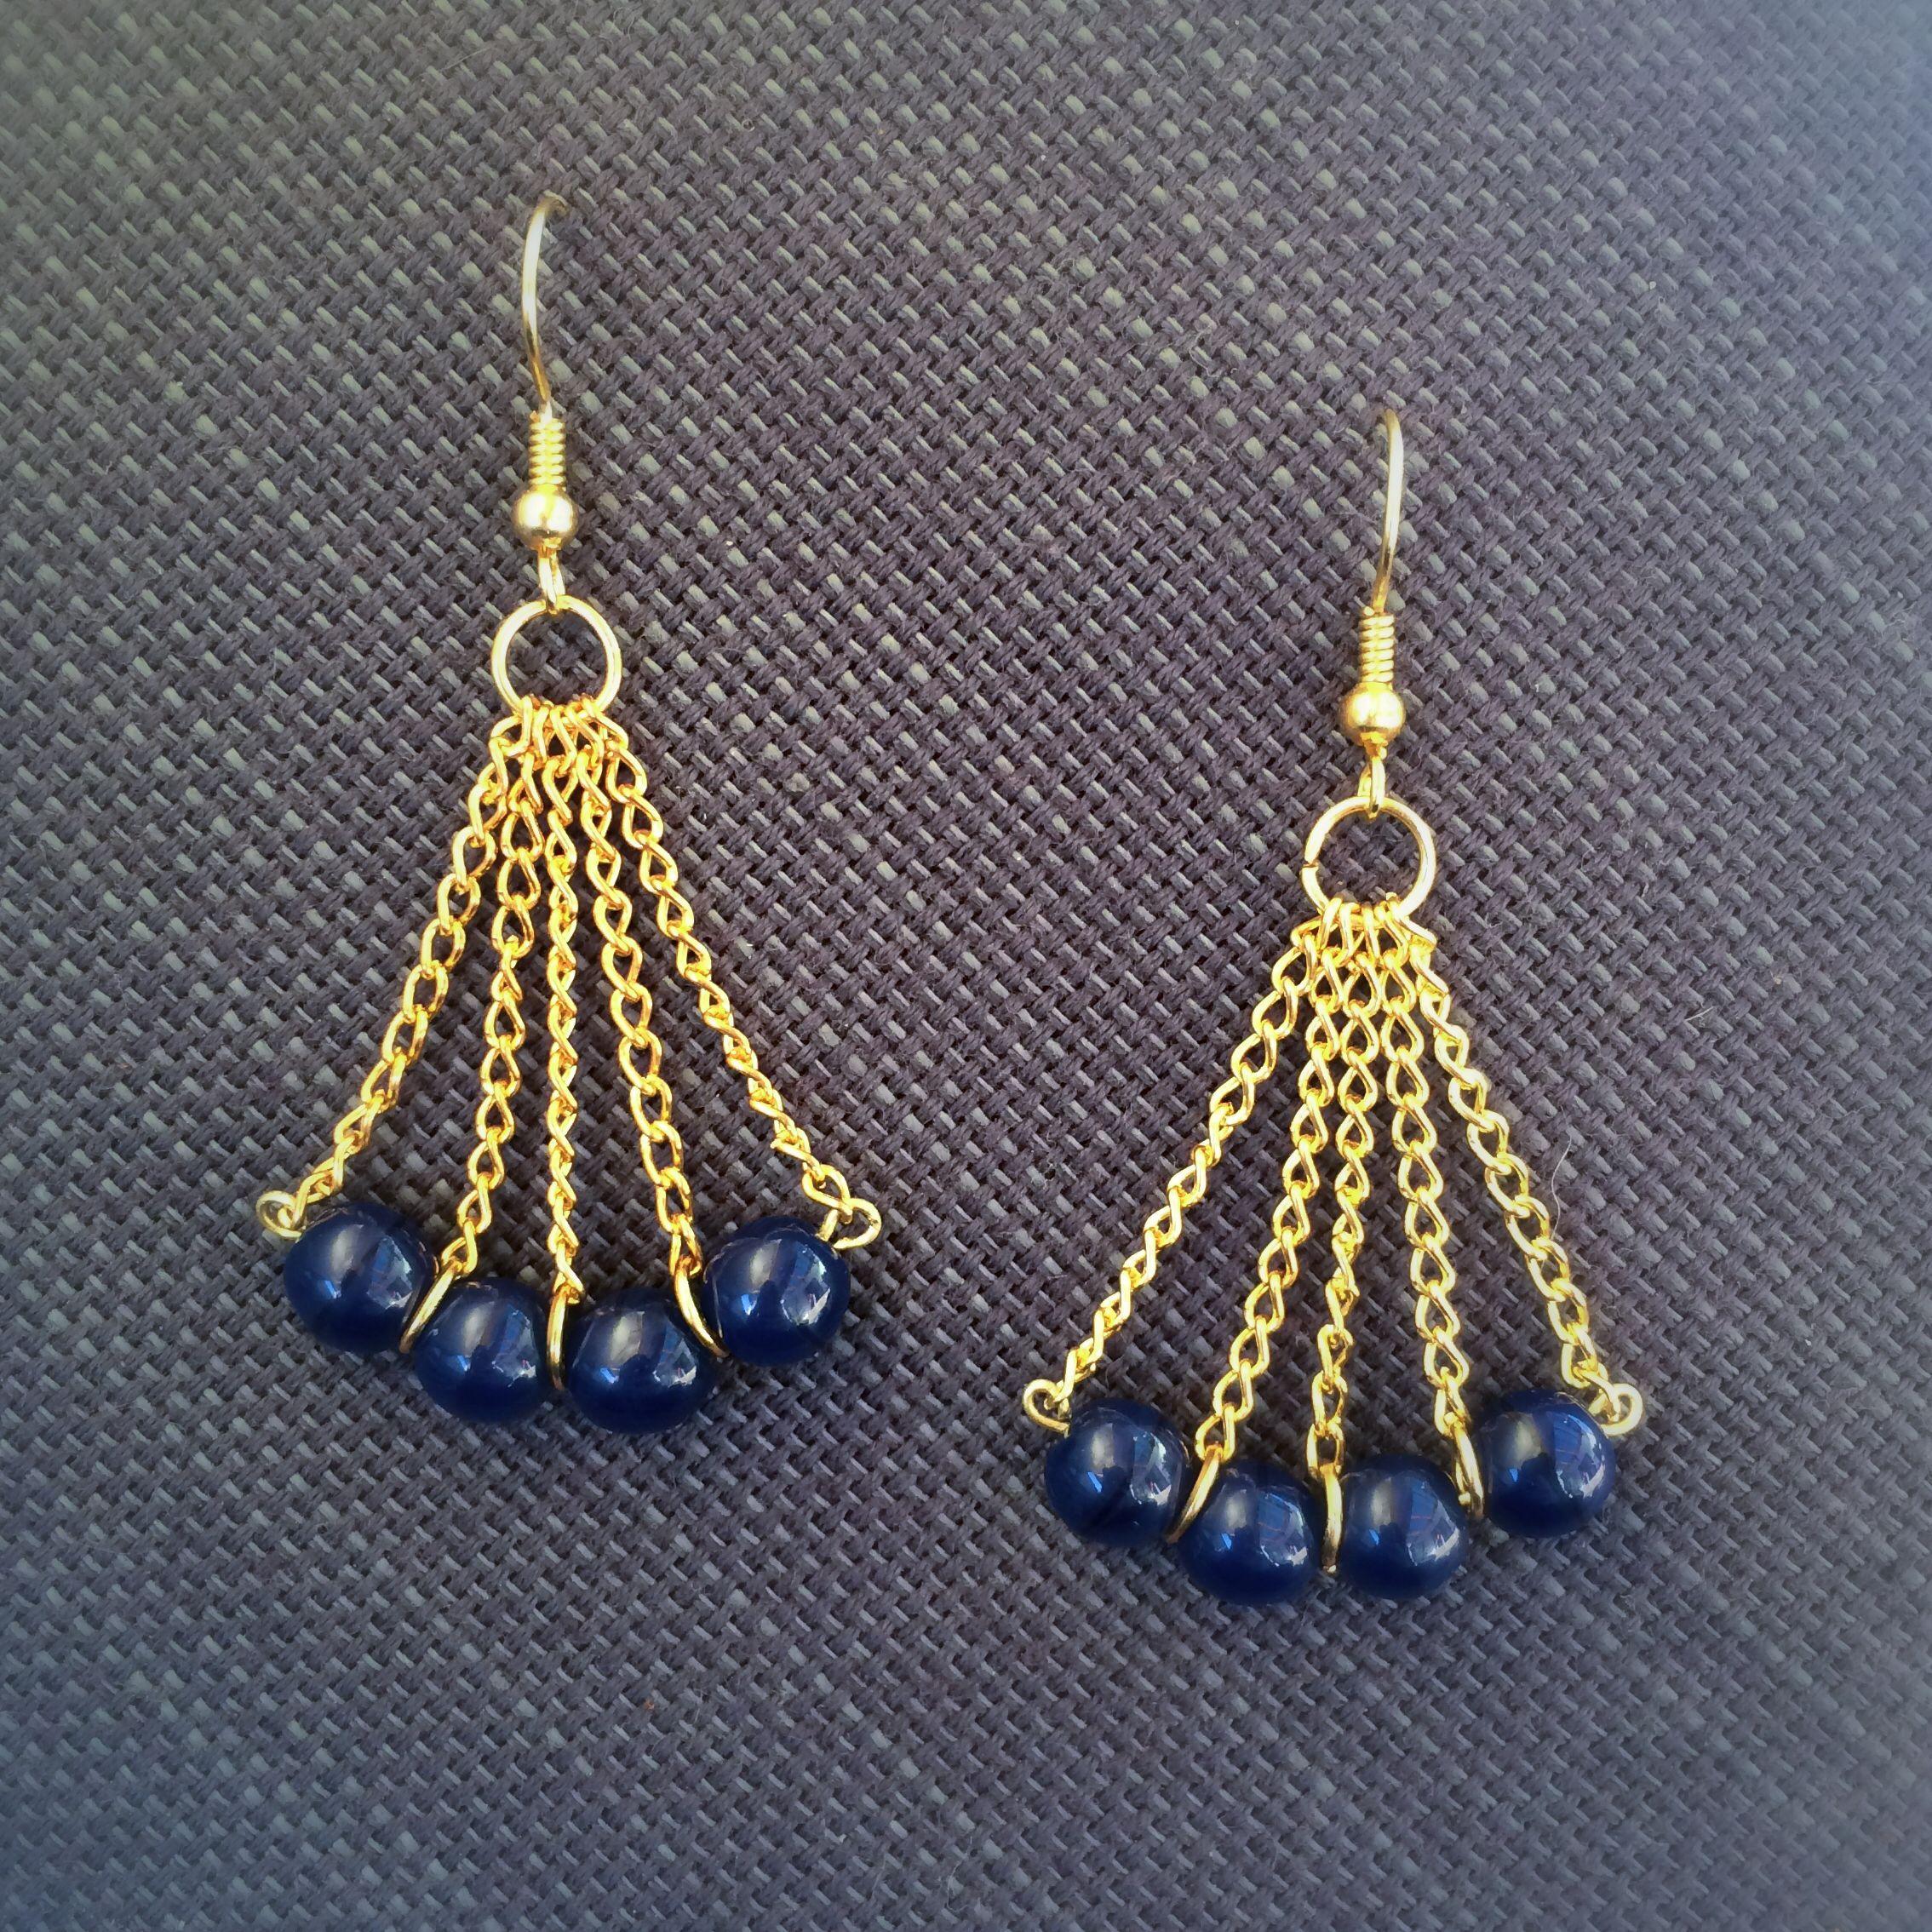 handmade wire jewelry | Beading | Pinterest | Ohrringe machen, Nilam ...